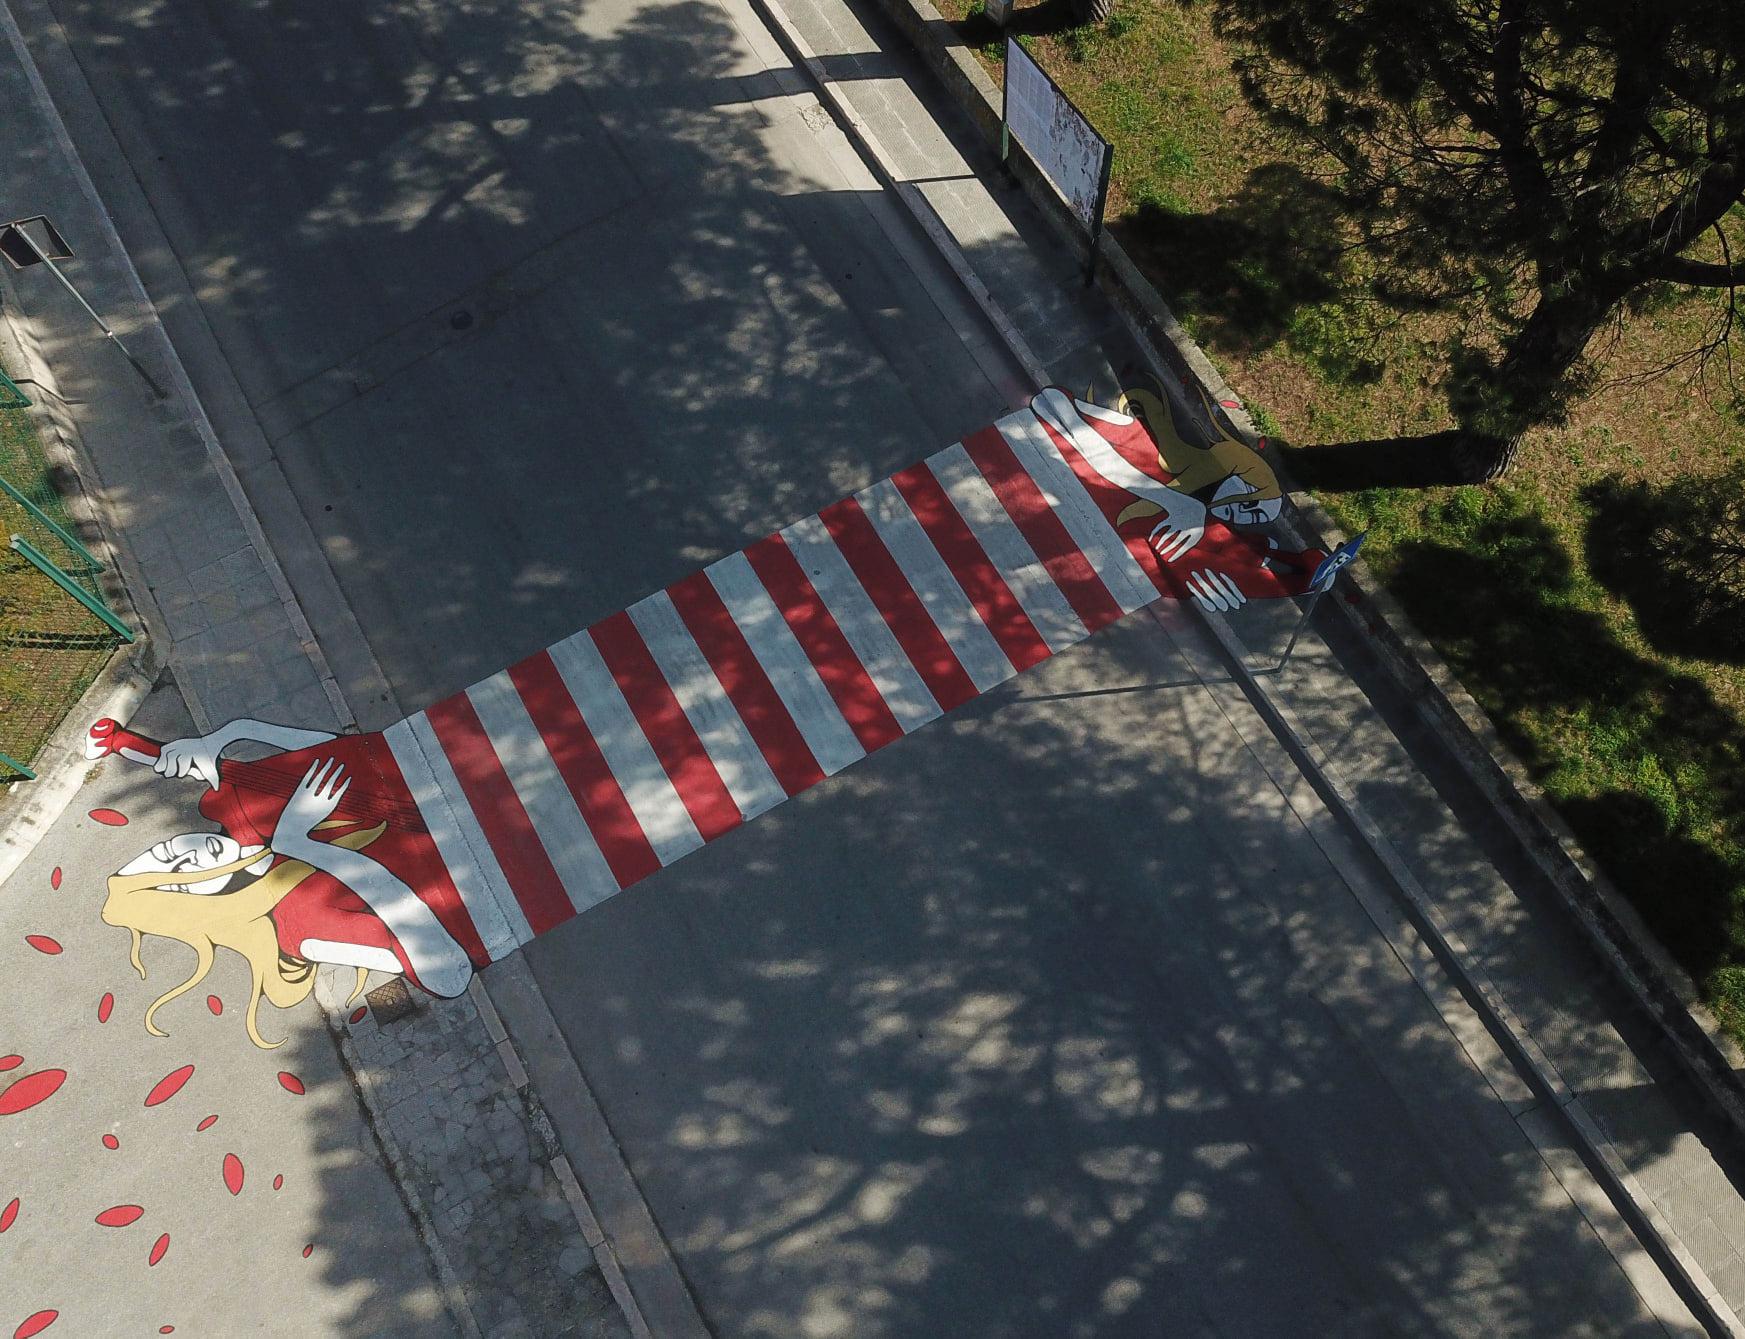 pagina Fb @@malatesta.associati Foto drone gentilmente concesse da Lorenzo Lo Muzio